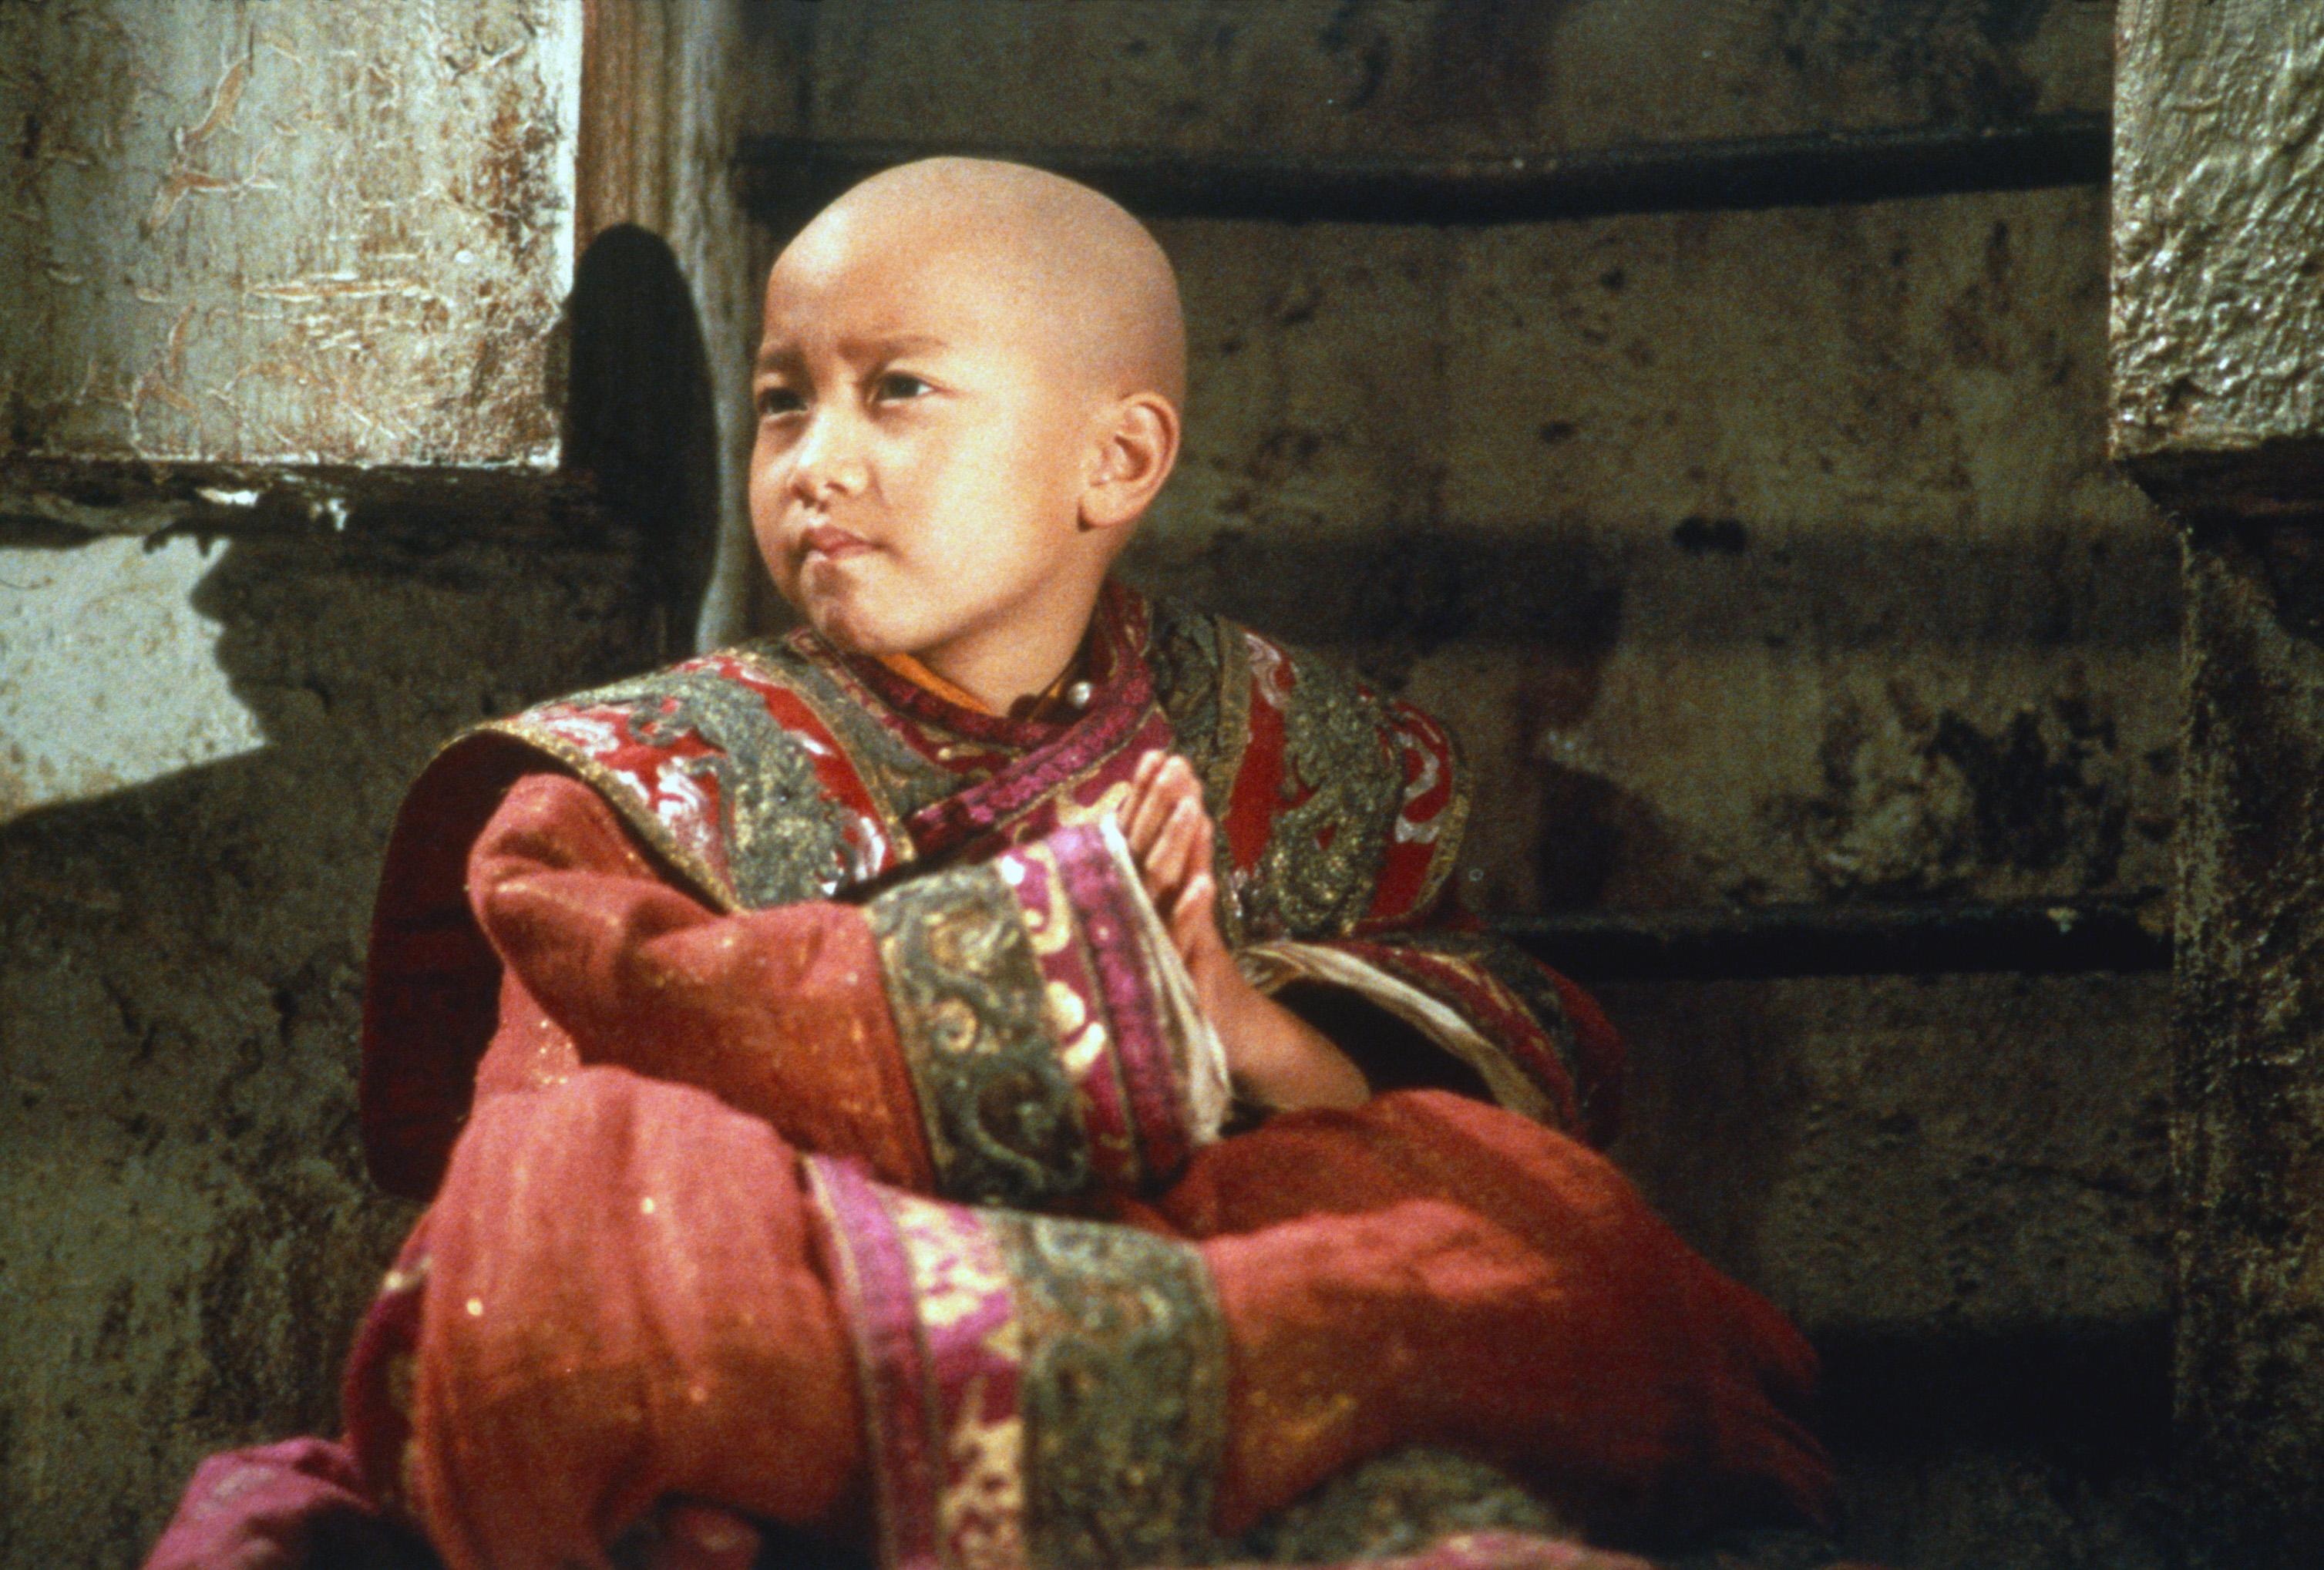 GOLDEN CHILD, L'ENFANT SACRE DU TIBET - BRD